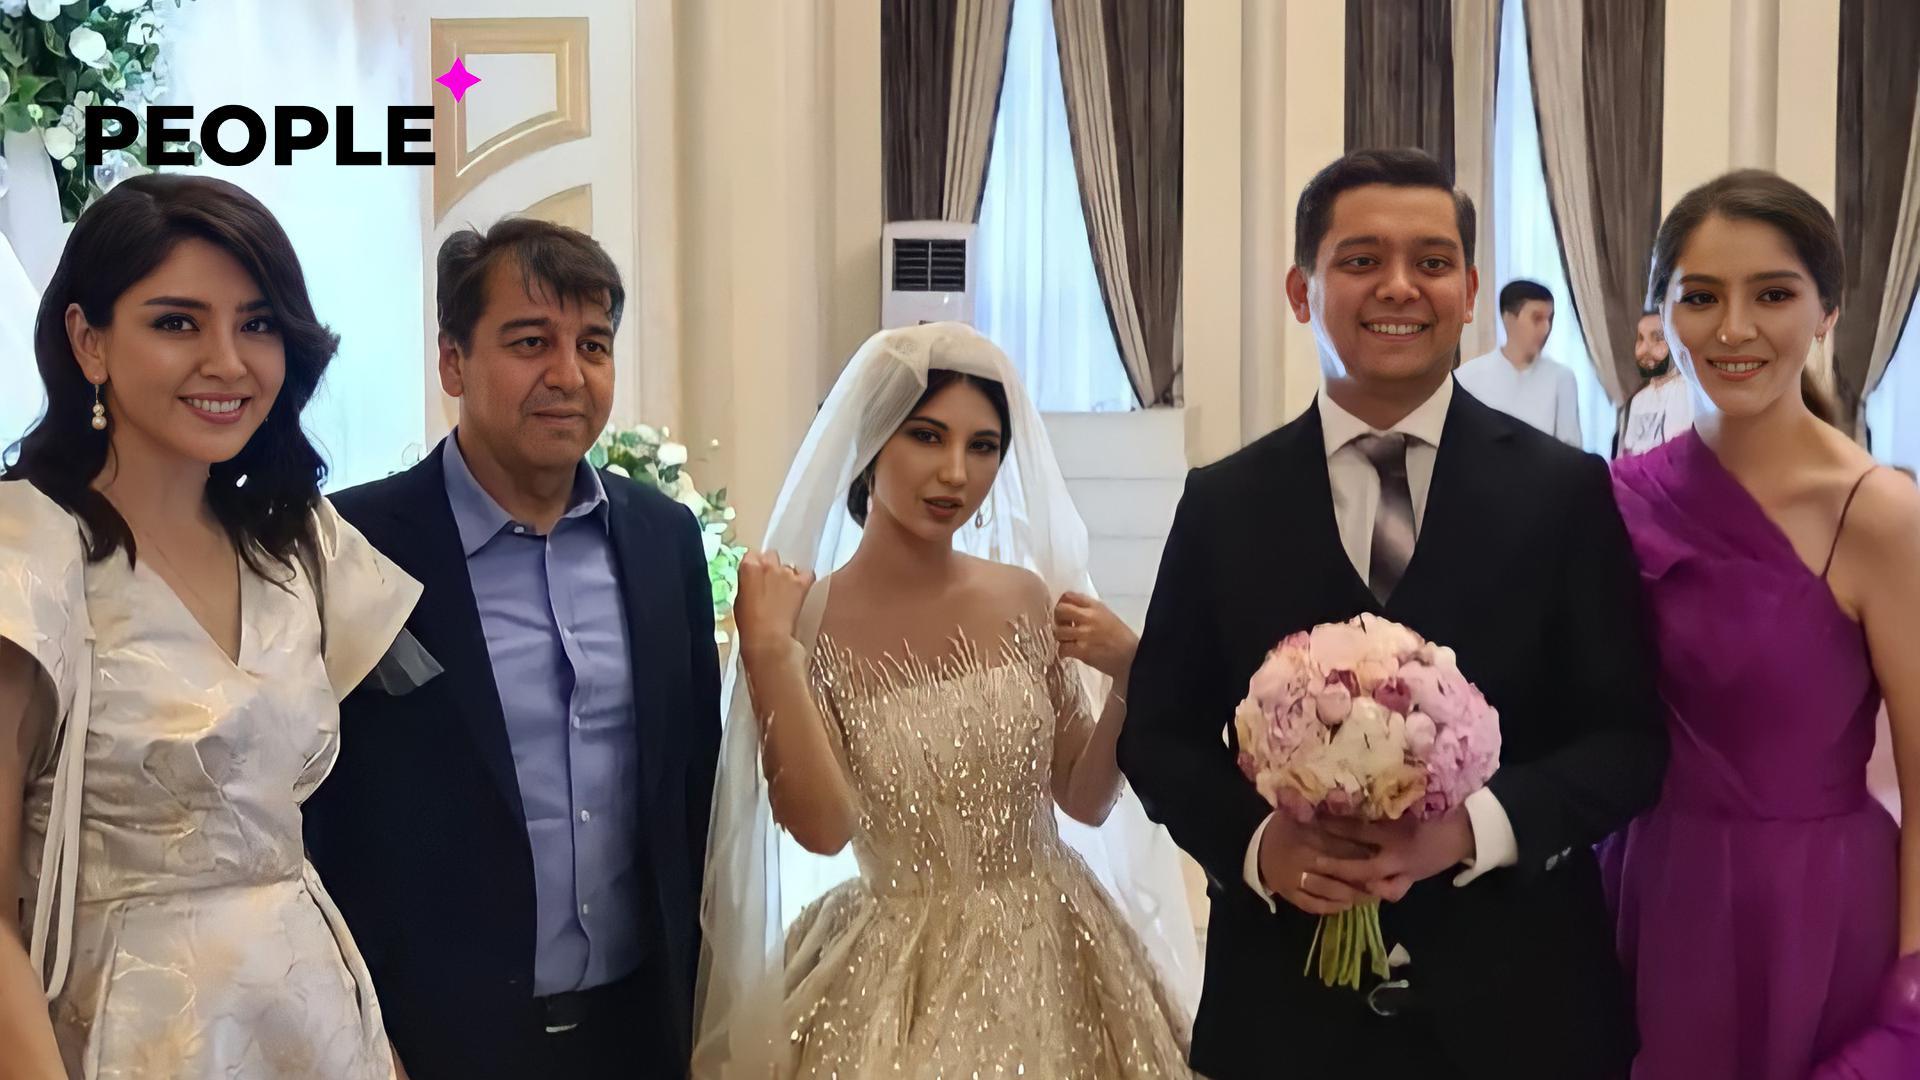 Карнай-сурнай, танец одуванчиков и вальс под песню Тахира Садыкова: актриса Рано Шодиева женила своего сына